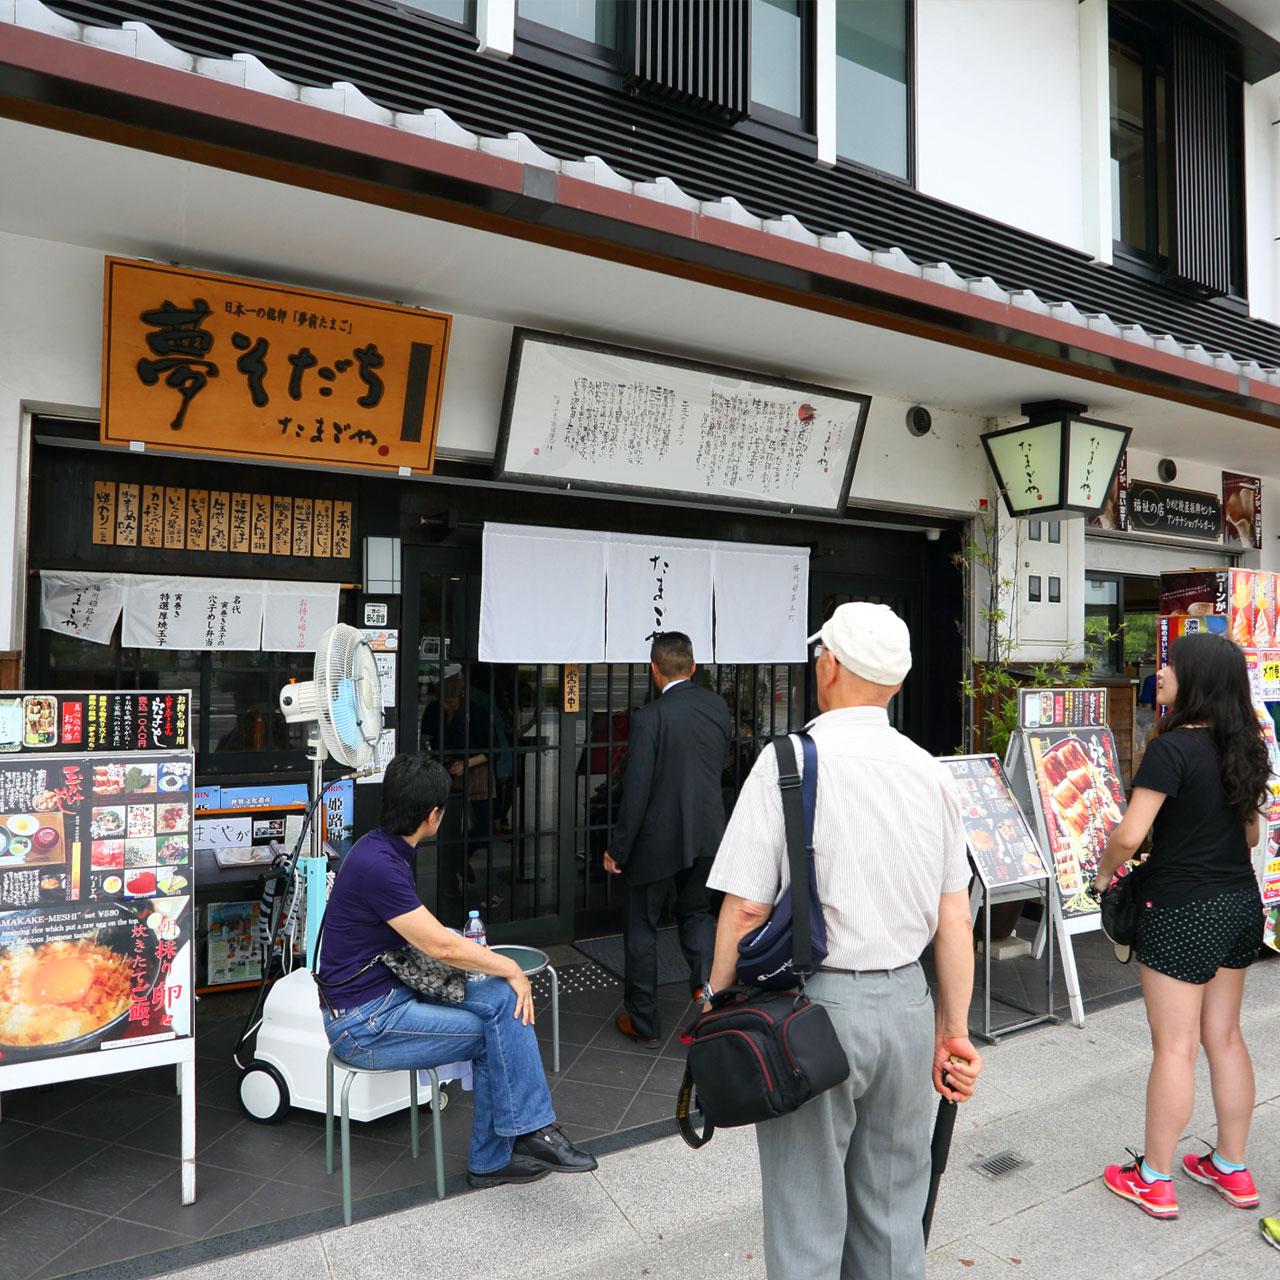 世界遺産「姫路城」の門前で「たまごや(たまごかけご飯専門店)」も自社で経営されています。